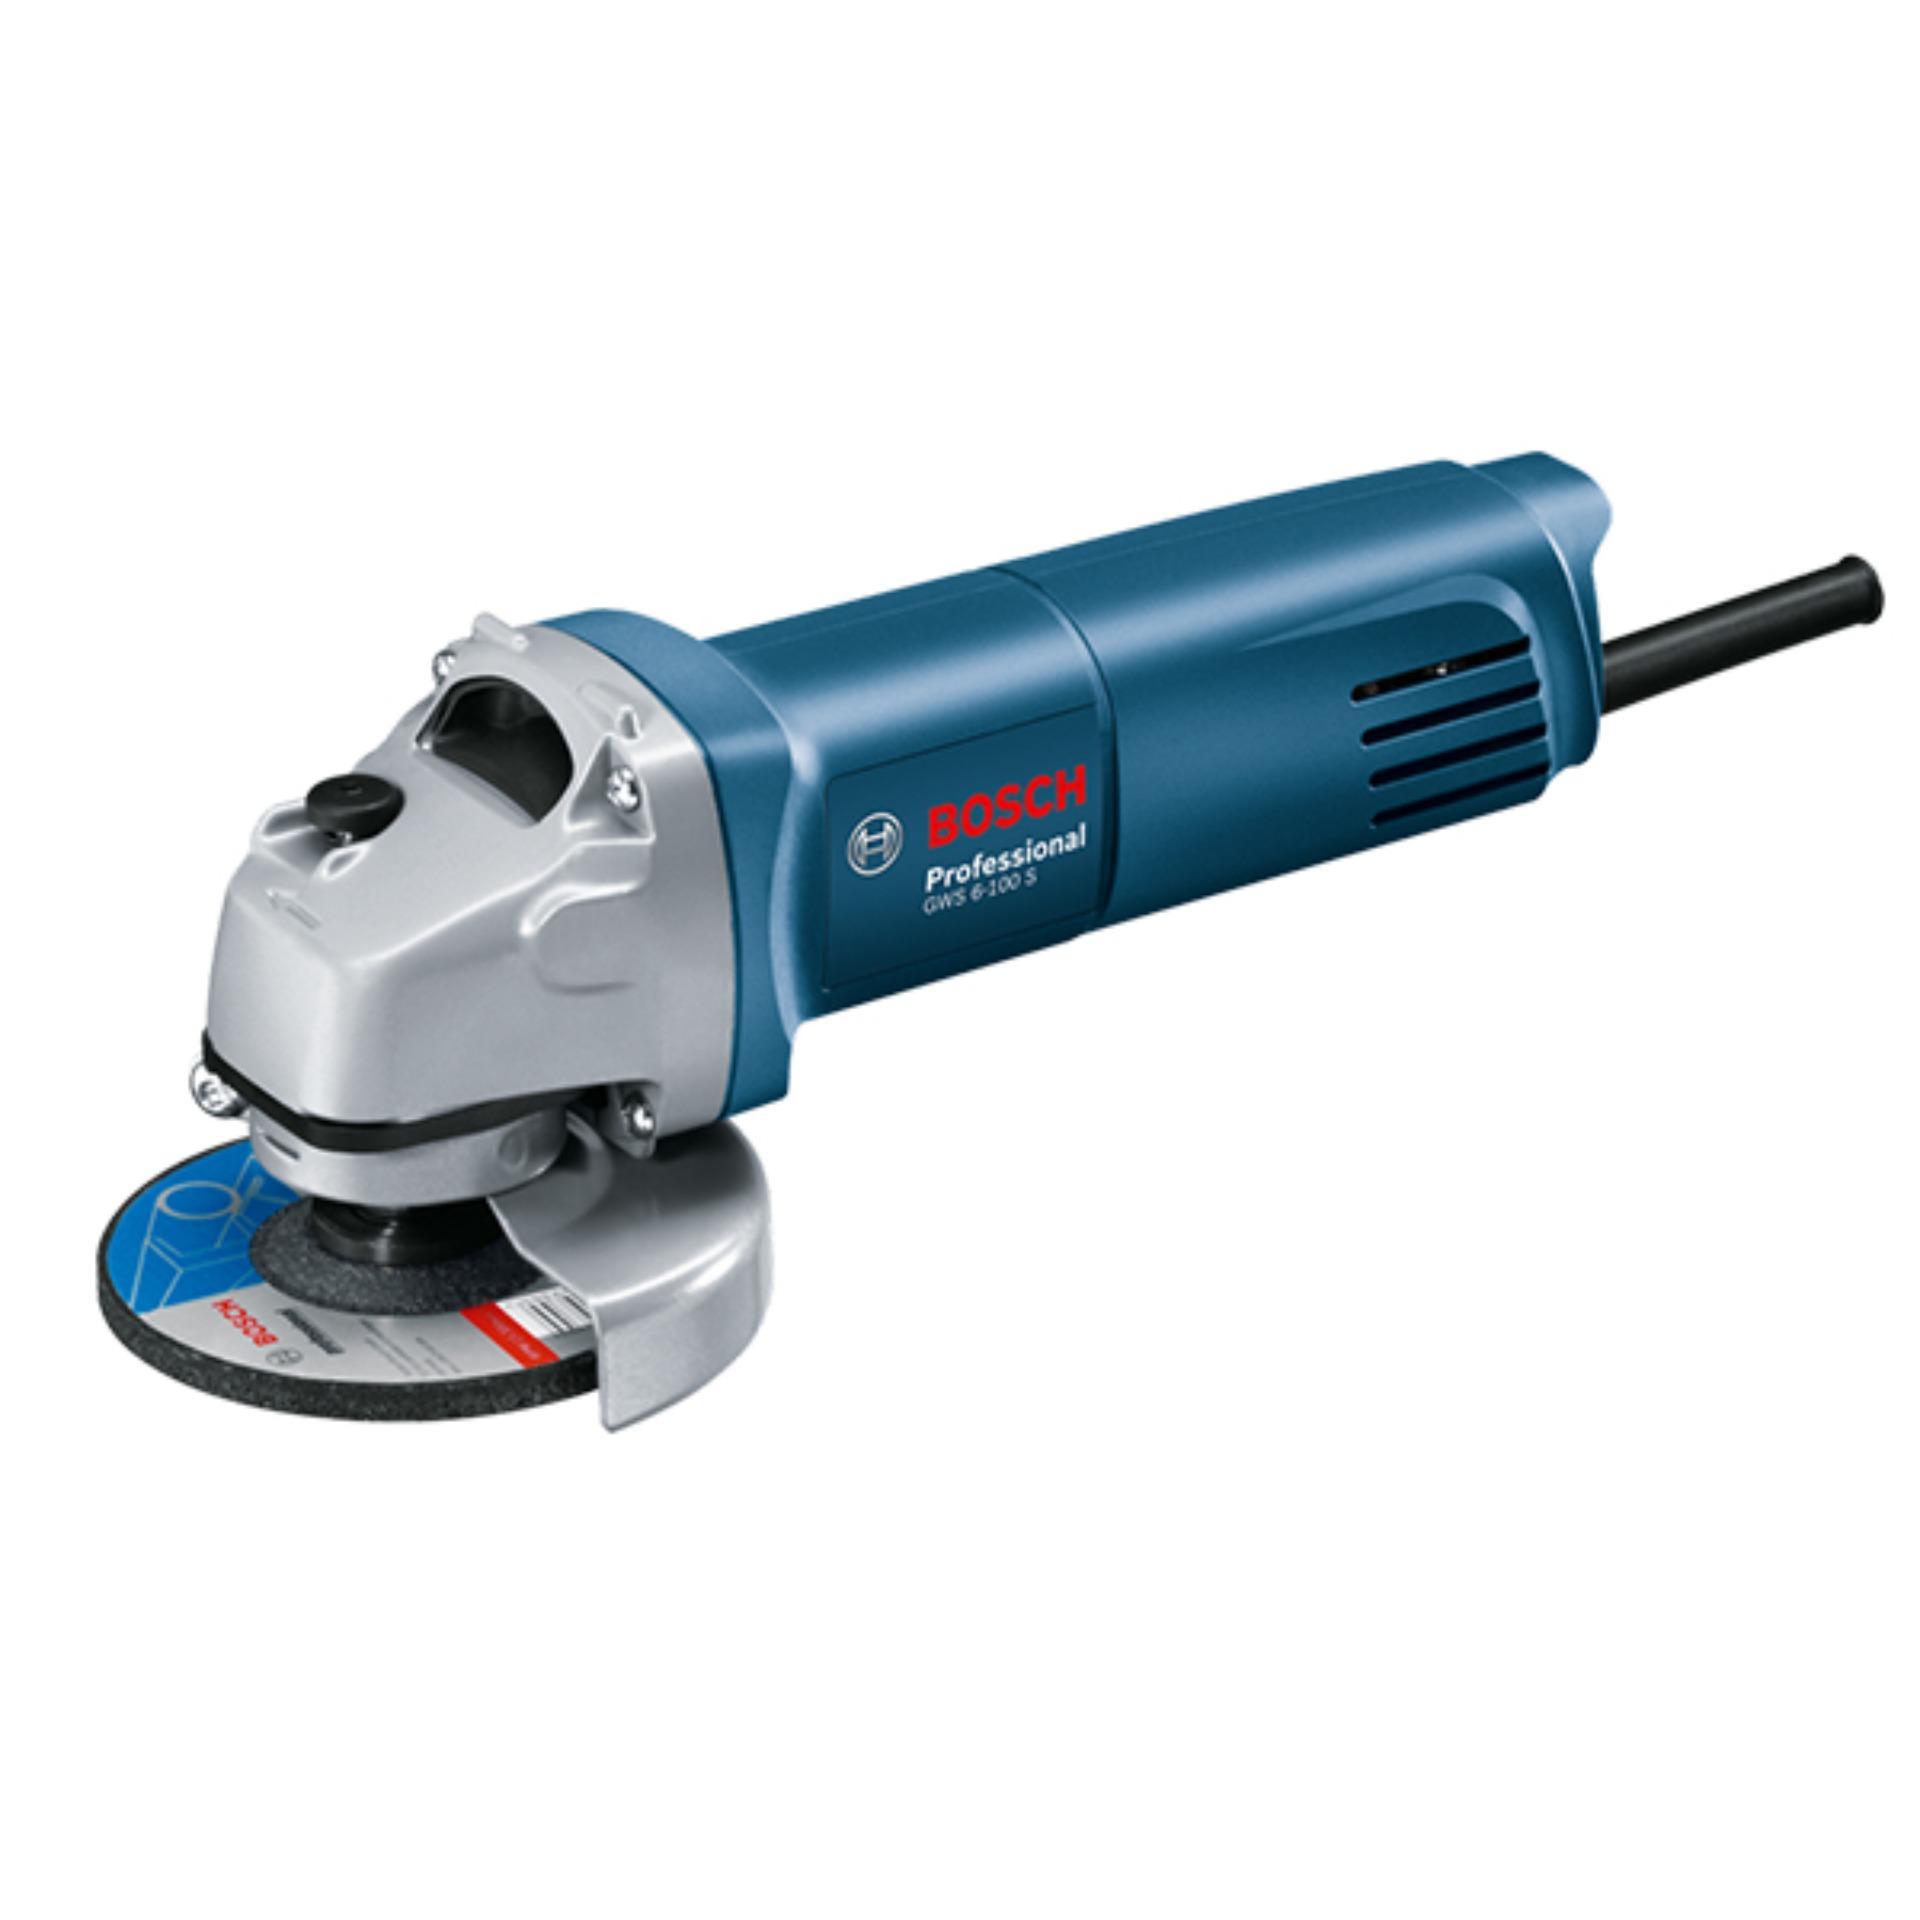 Máy Mài Cầm Tay Bosch GWS 6-100  - 670W - ABG Shop - Thiết Kế Bắt Mắt Chất Lượng, Hoàn Hảo, Phù Hợp Cho Thợ Chuyên Và Không Chuyên Bất Ngờ Giảm Giá